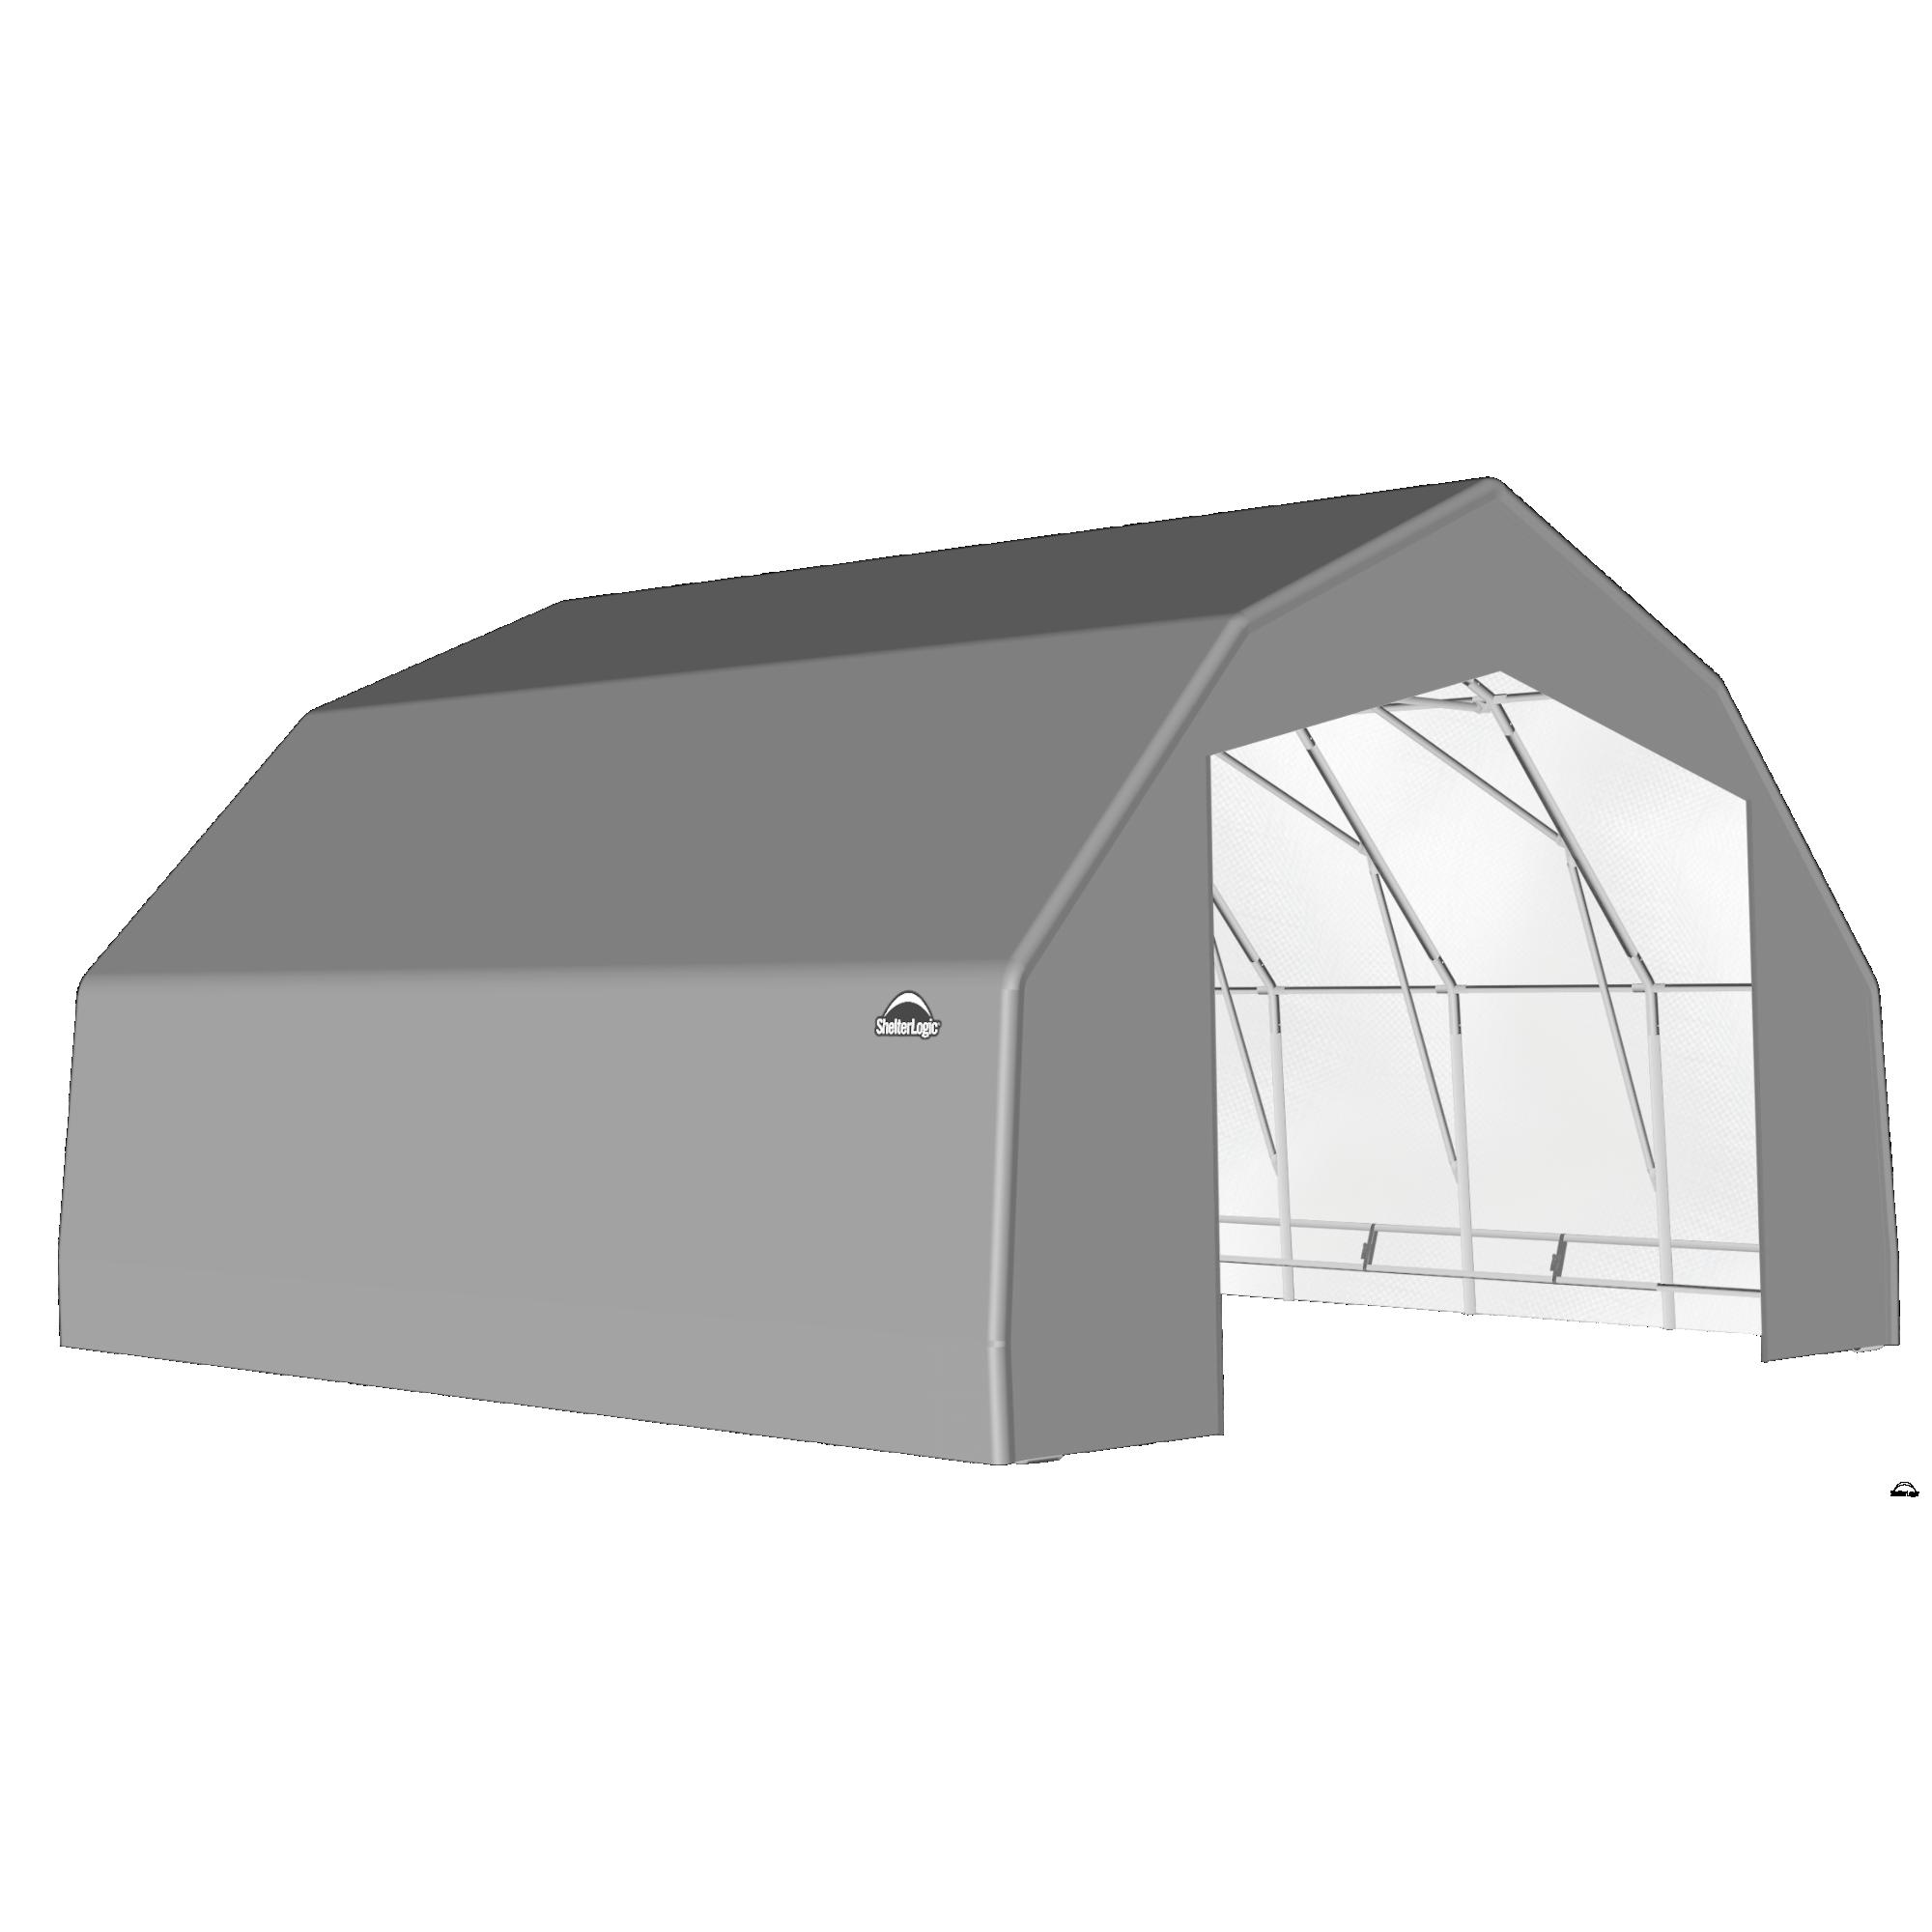 SP Barn 25X20X14 Gray 14 oz PE Shelter